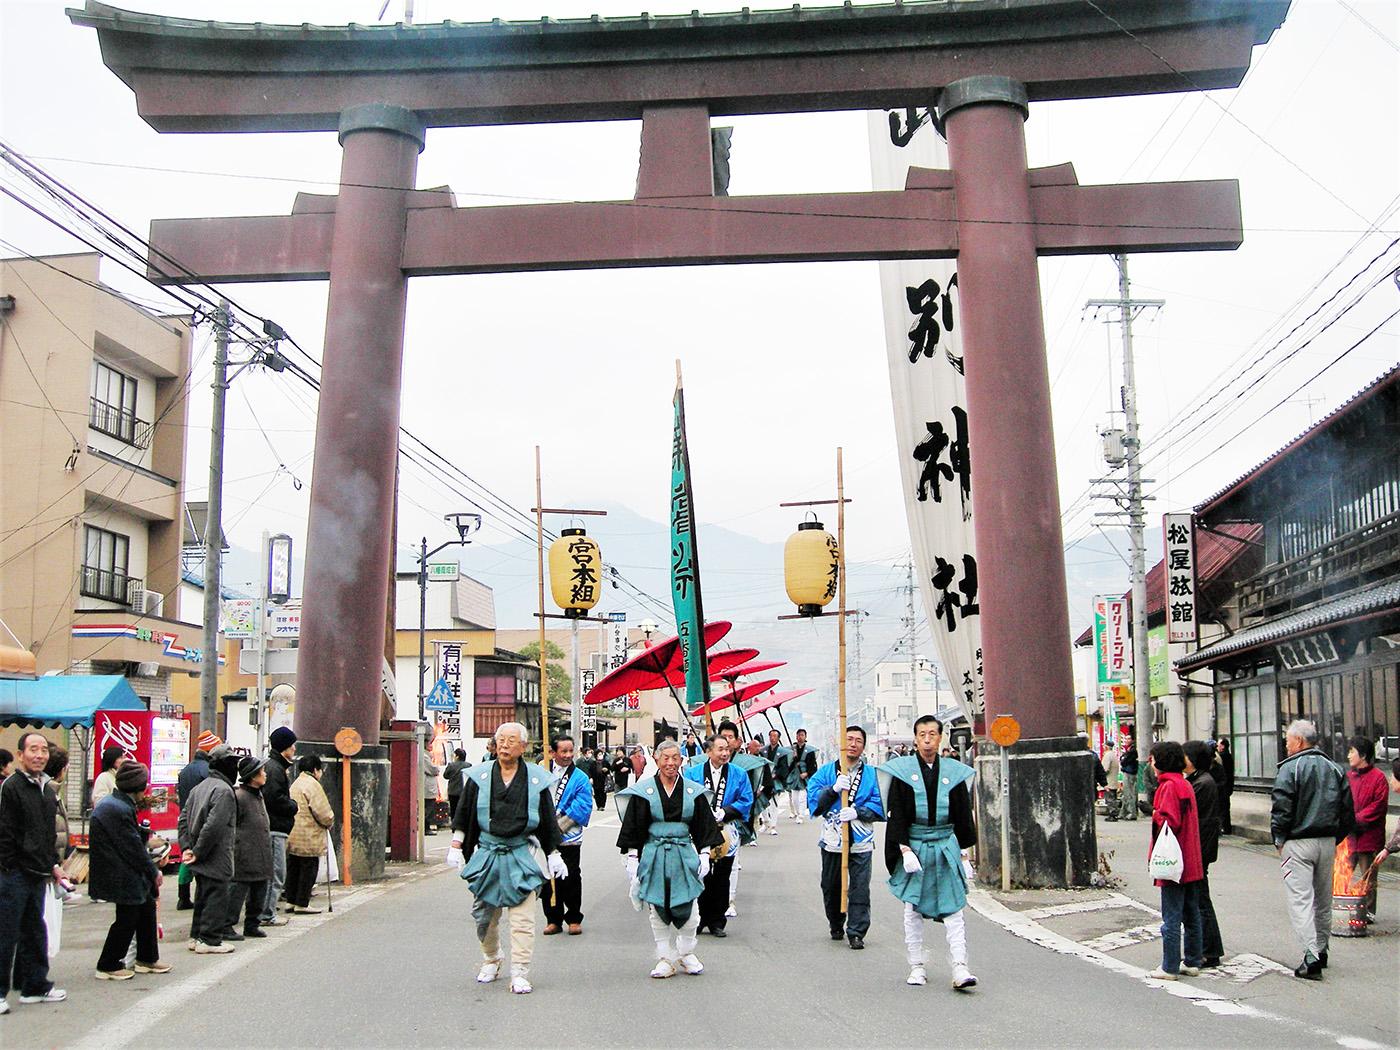 武水別神社の頭人行事(大頭祭)